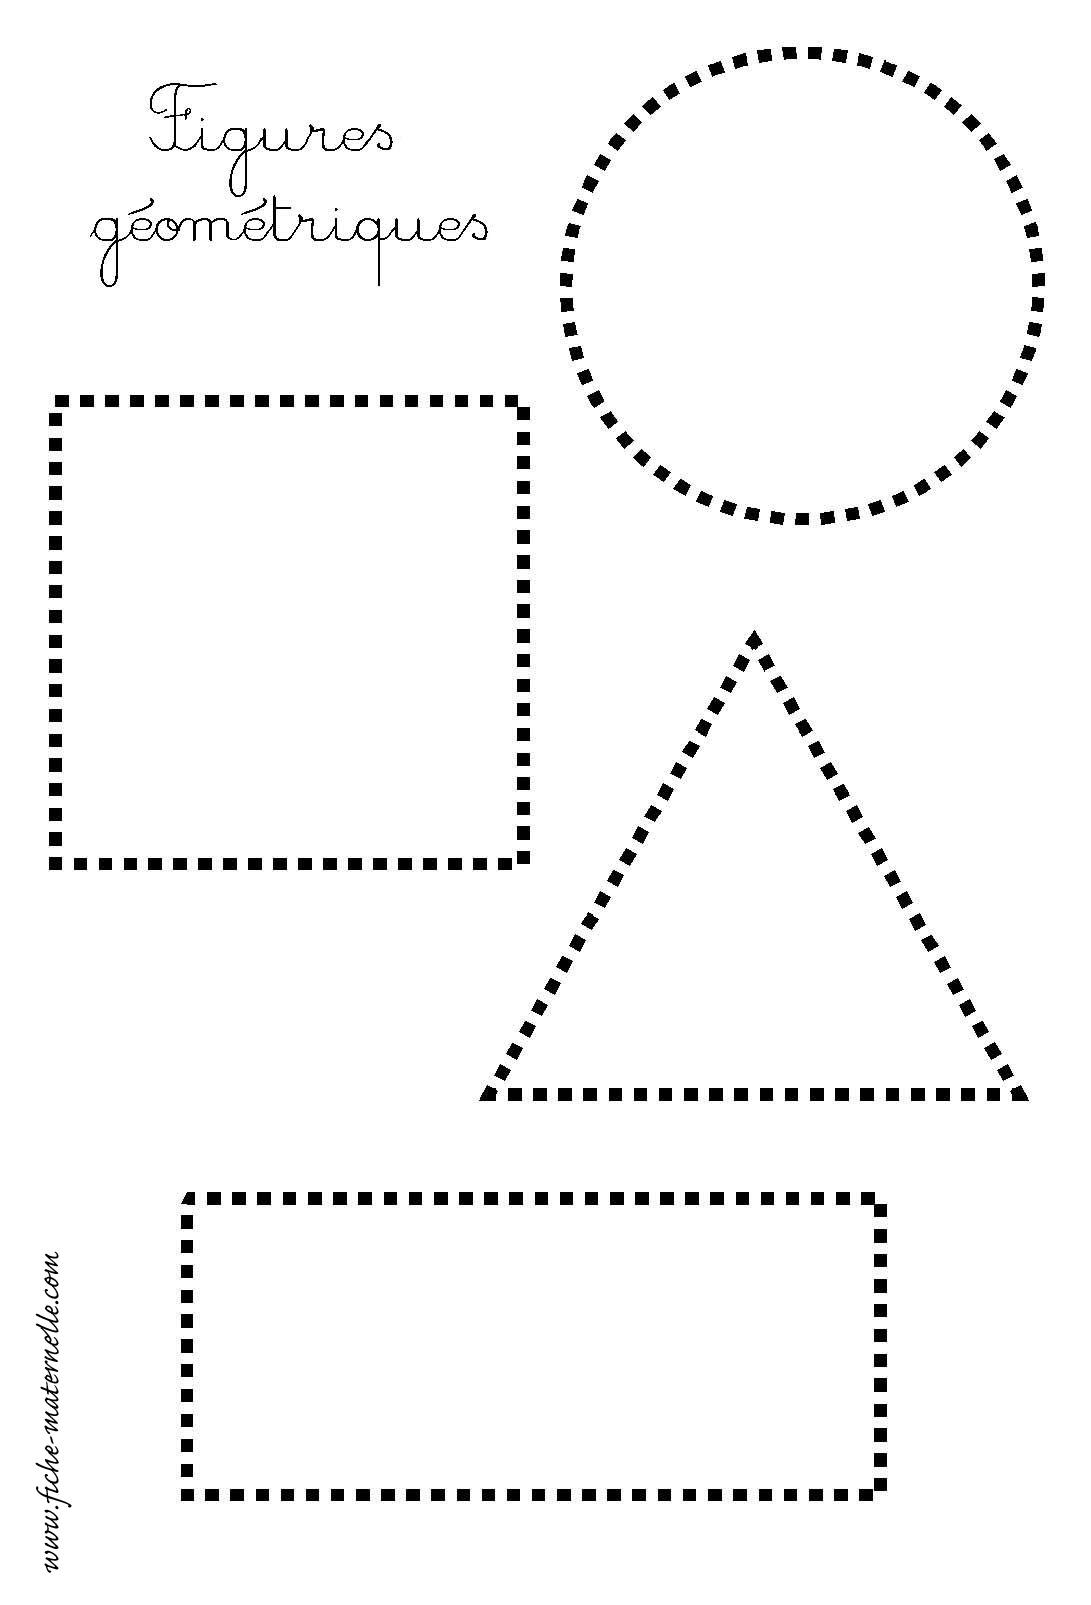 Site Maternelle Petite Section : Les Figures Géométriques destiné Fiche Activité Maternelle Petite Section